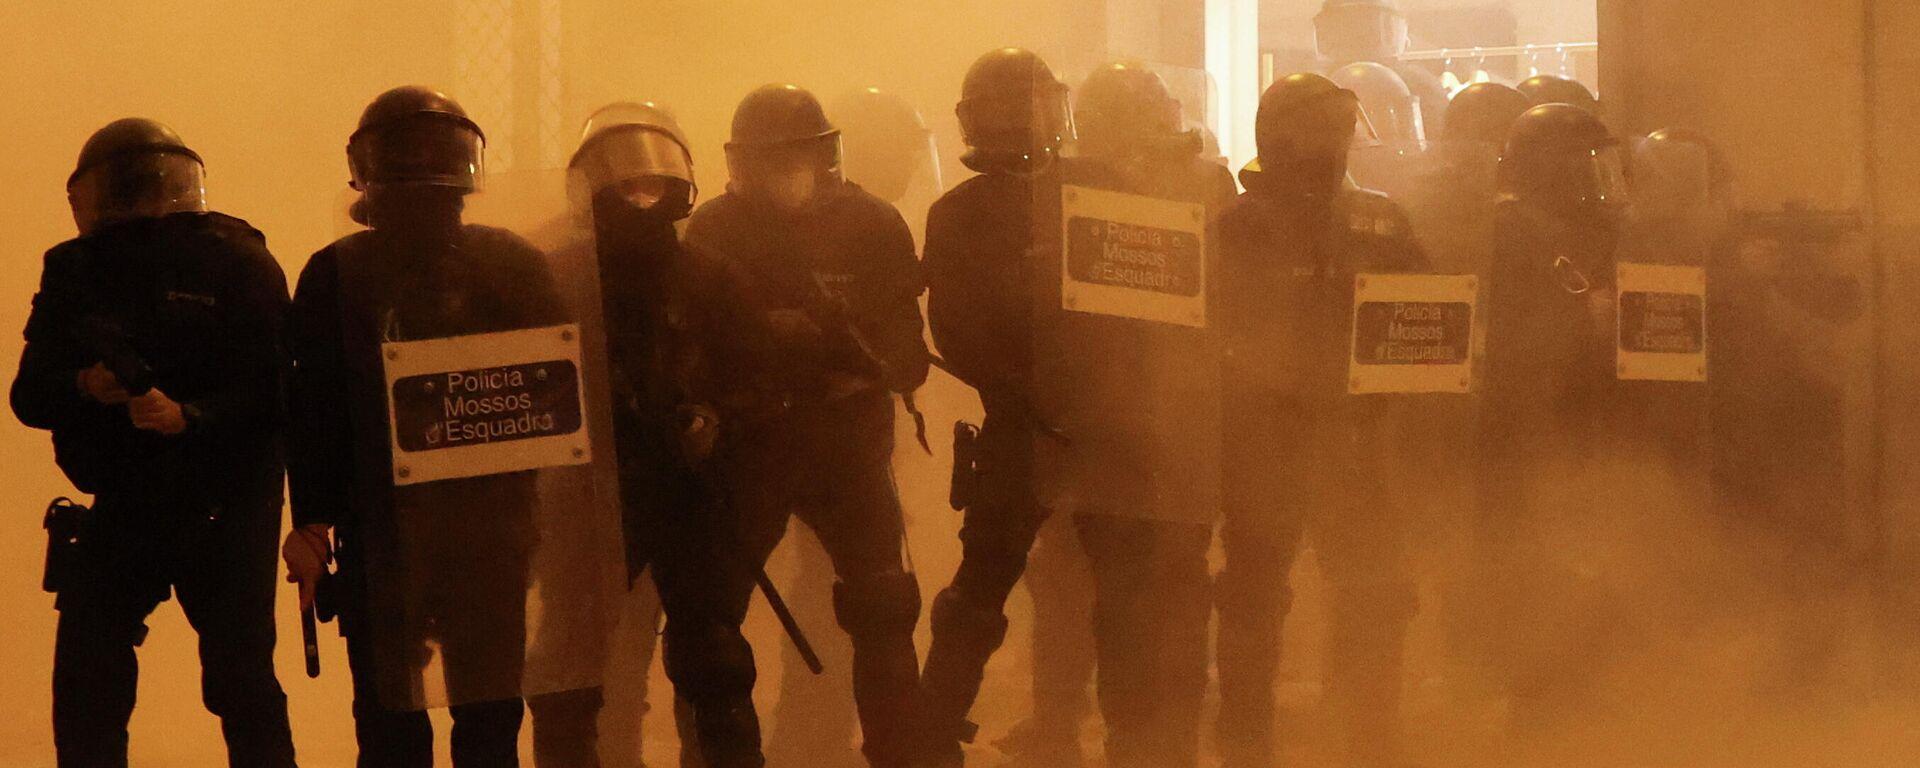 Disturbios en Barcelona por la detención del rapero Pablo Hasél - Sputnik Mundo, 1920, 19.02.2021